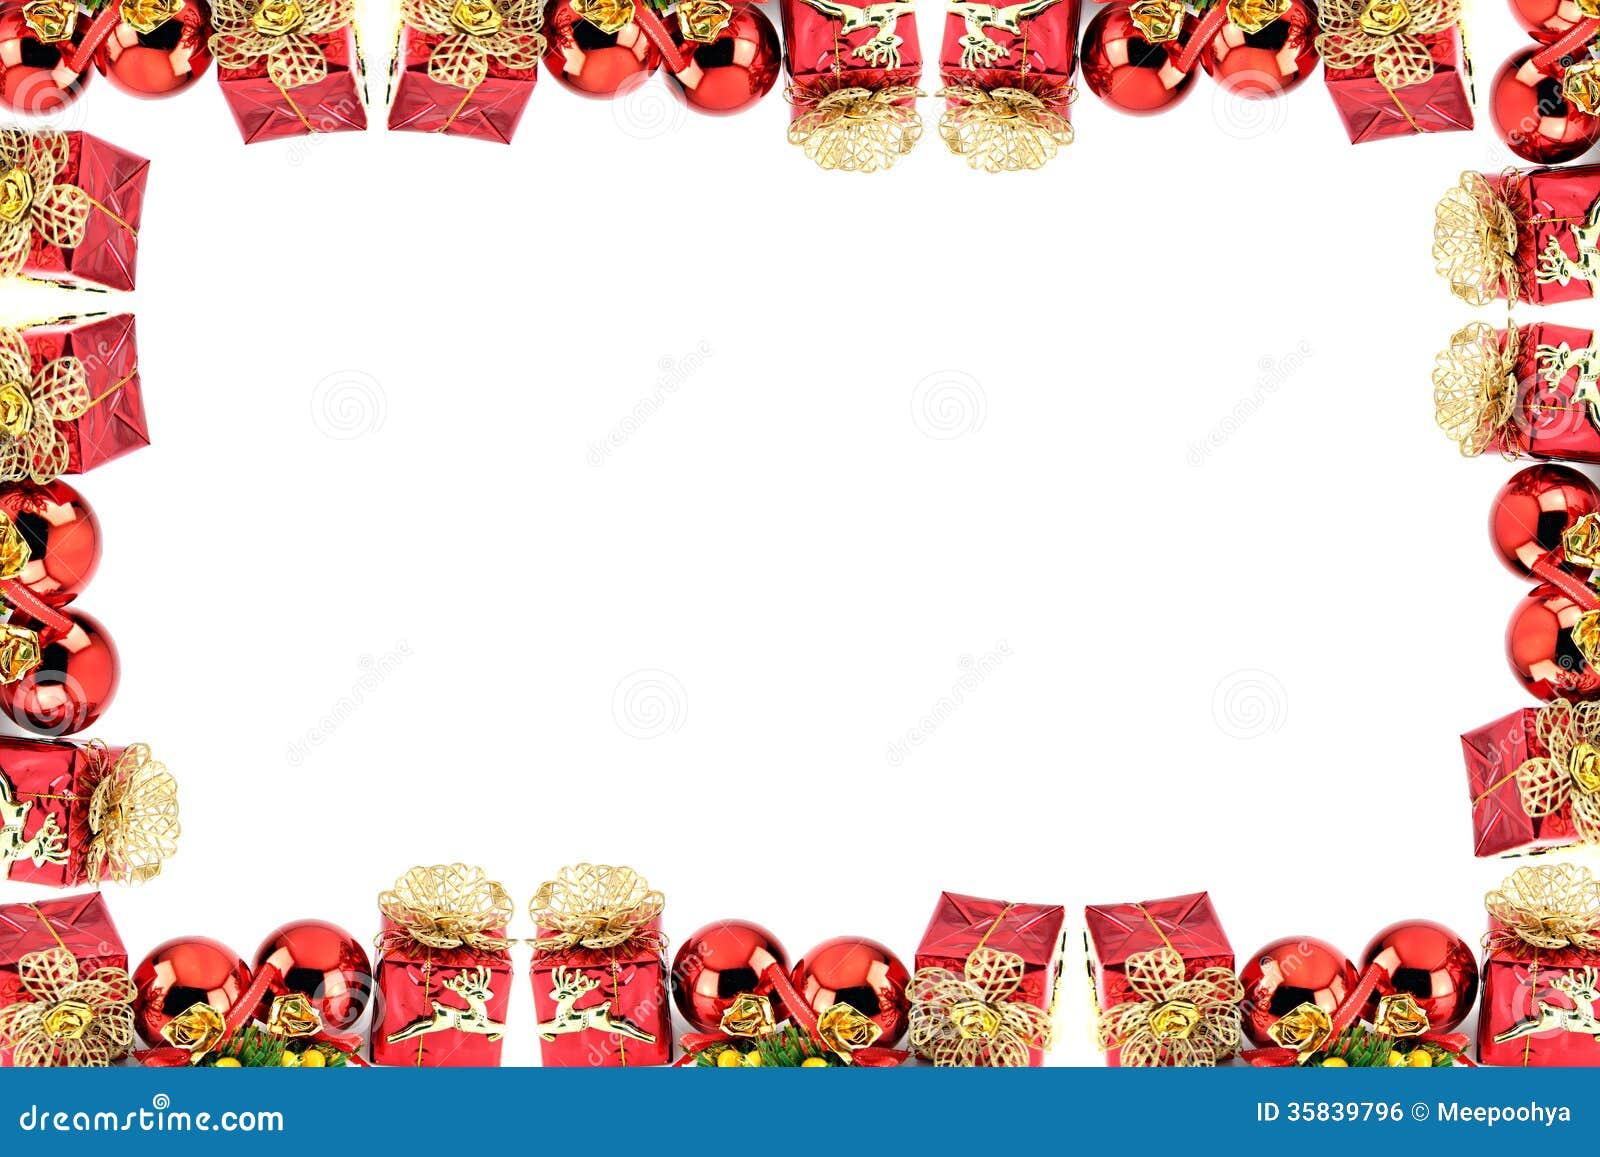 rahmen f r neues jahr und weihnachten stockfoto bild von modern kalender 35839796. Black Bedroom Furniture Sets. Home Design Ideas